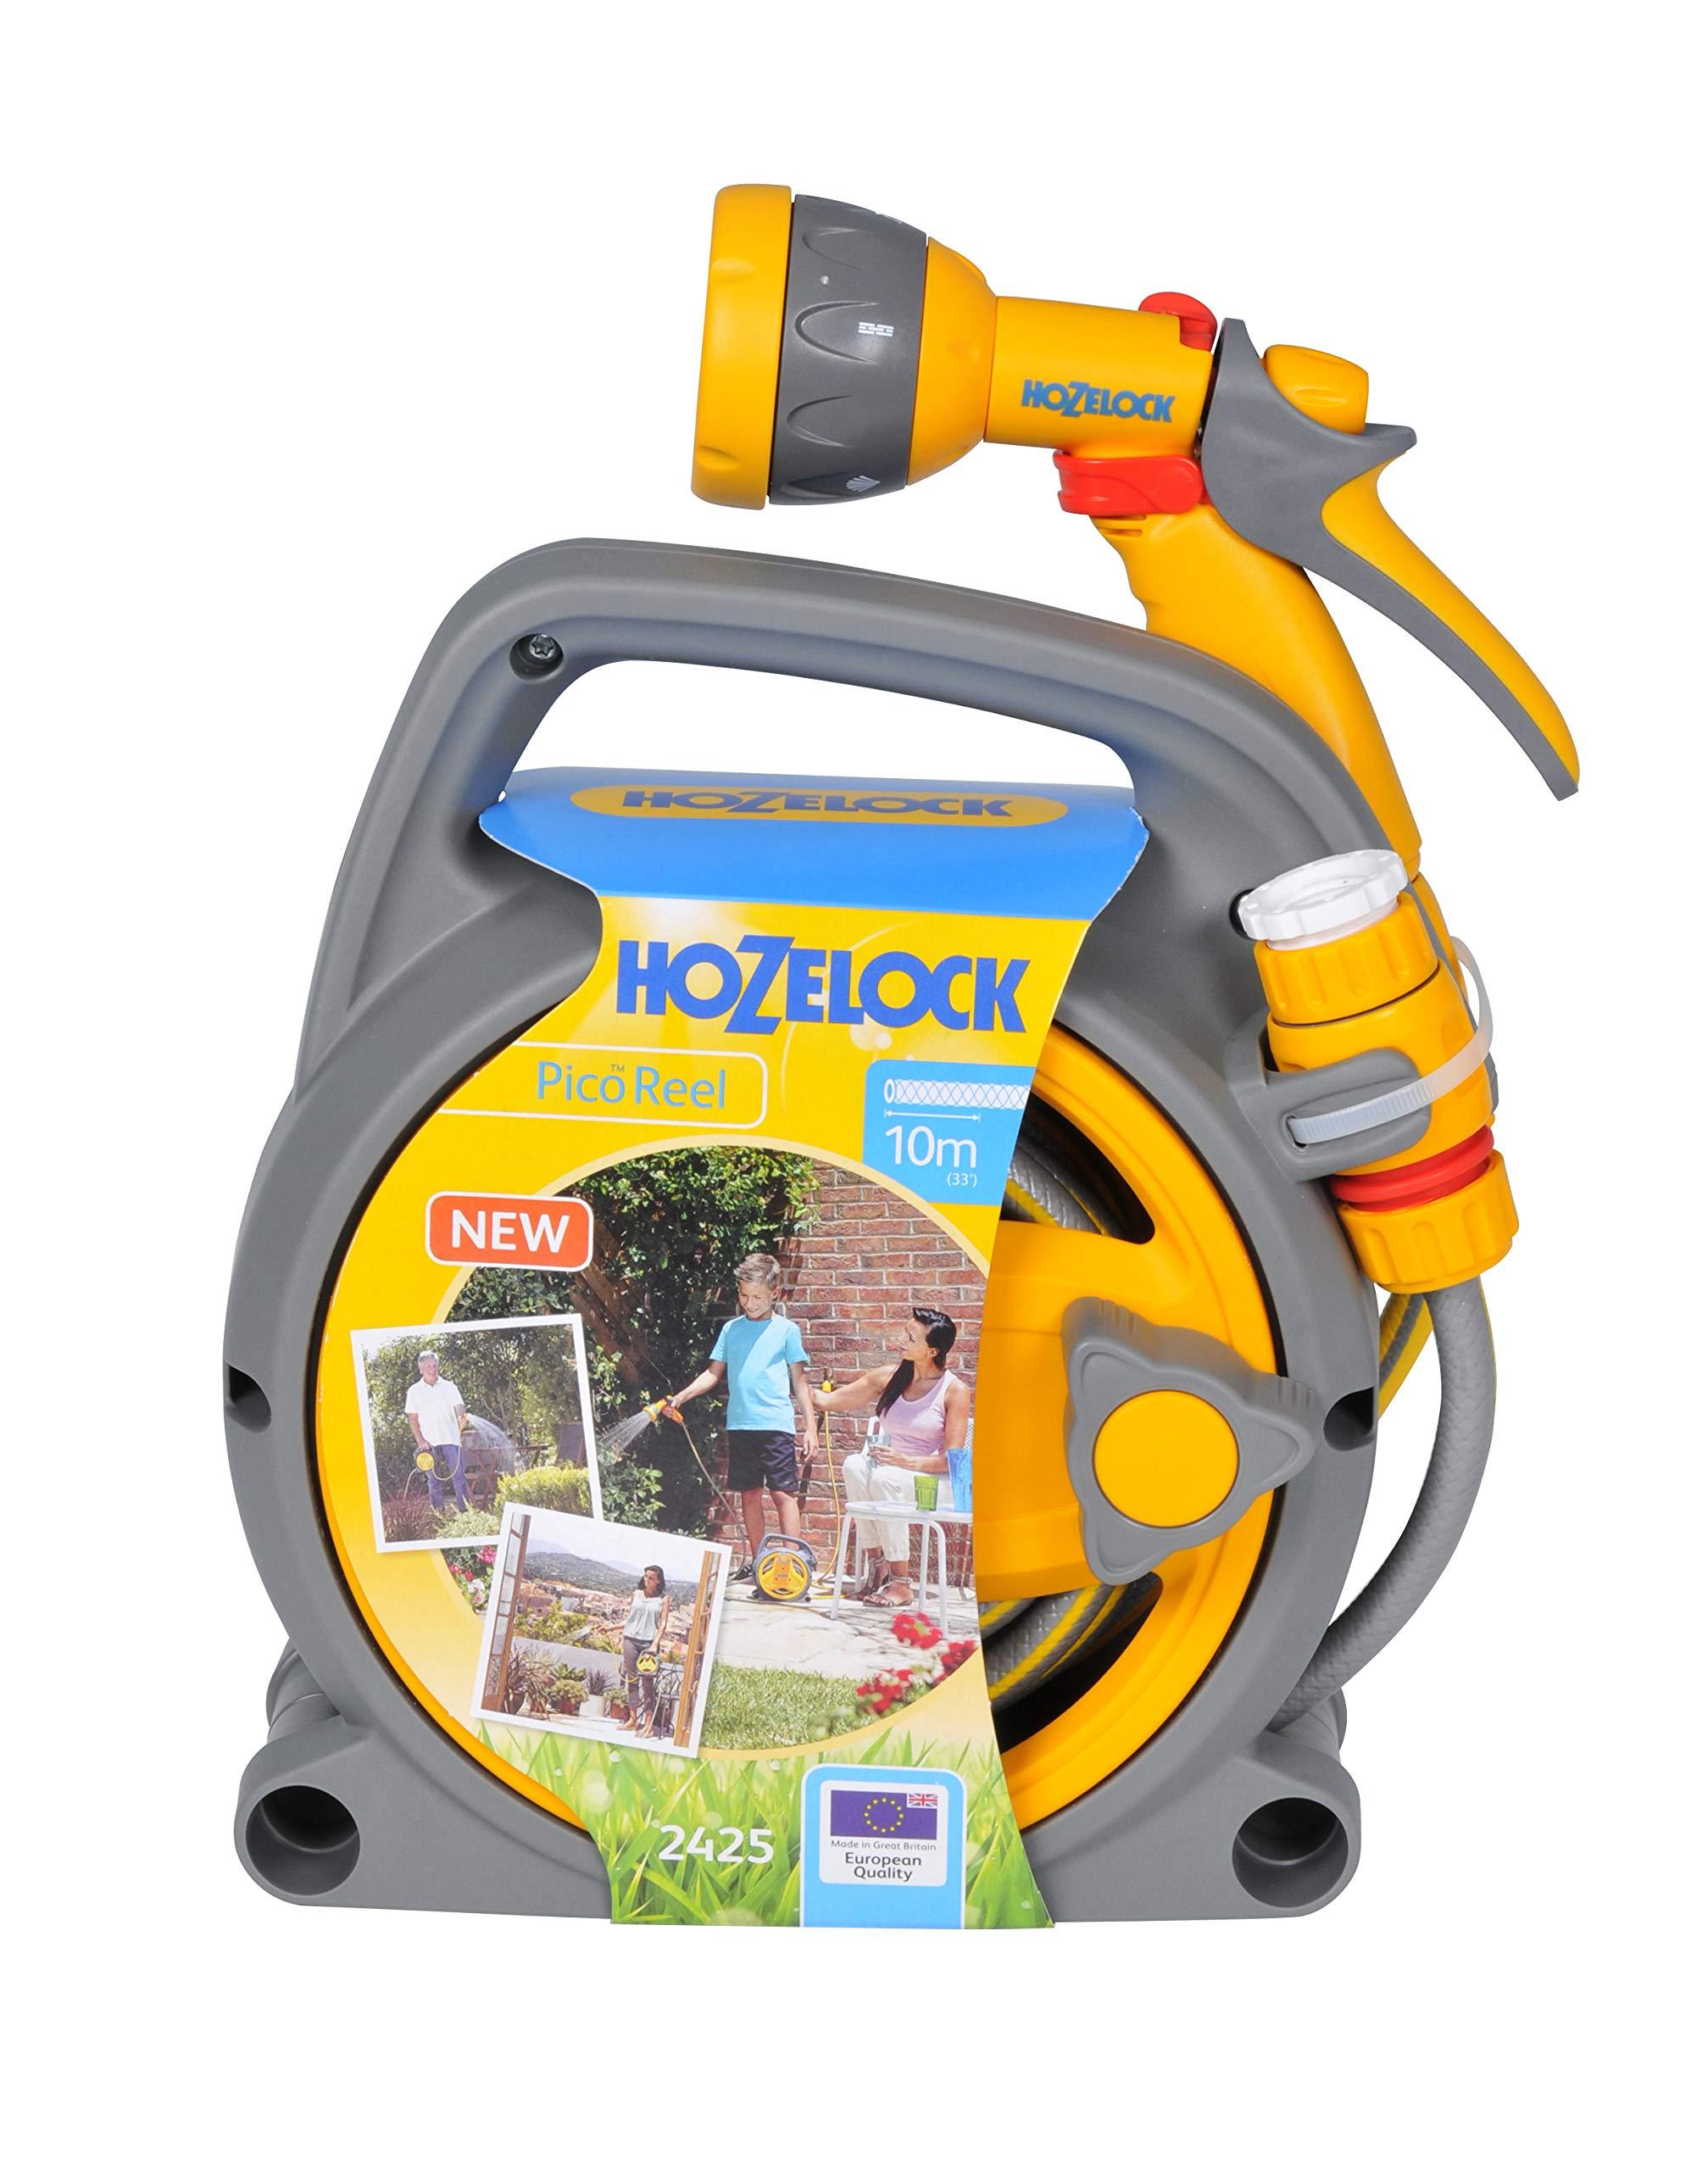 Hozelock - Carrete portamangueras Pico Reel con 10 m de manguera y todos los accesorios - lista para su uso: Amazon.es: Jardín